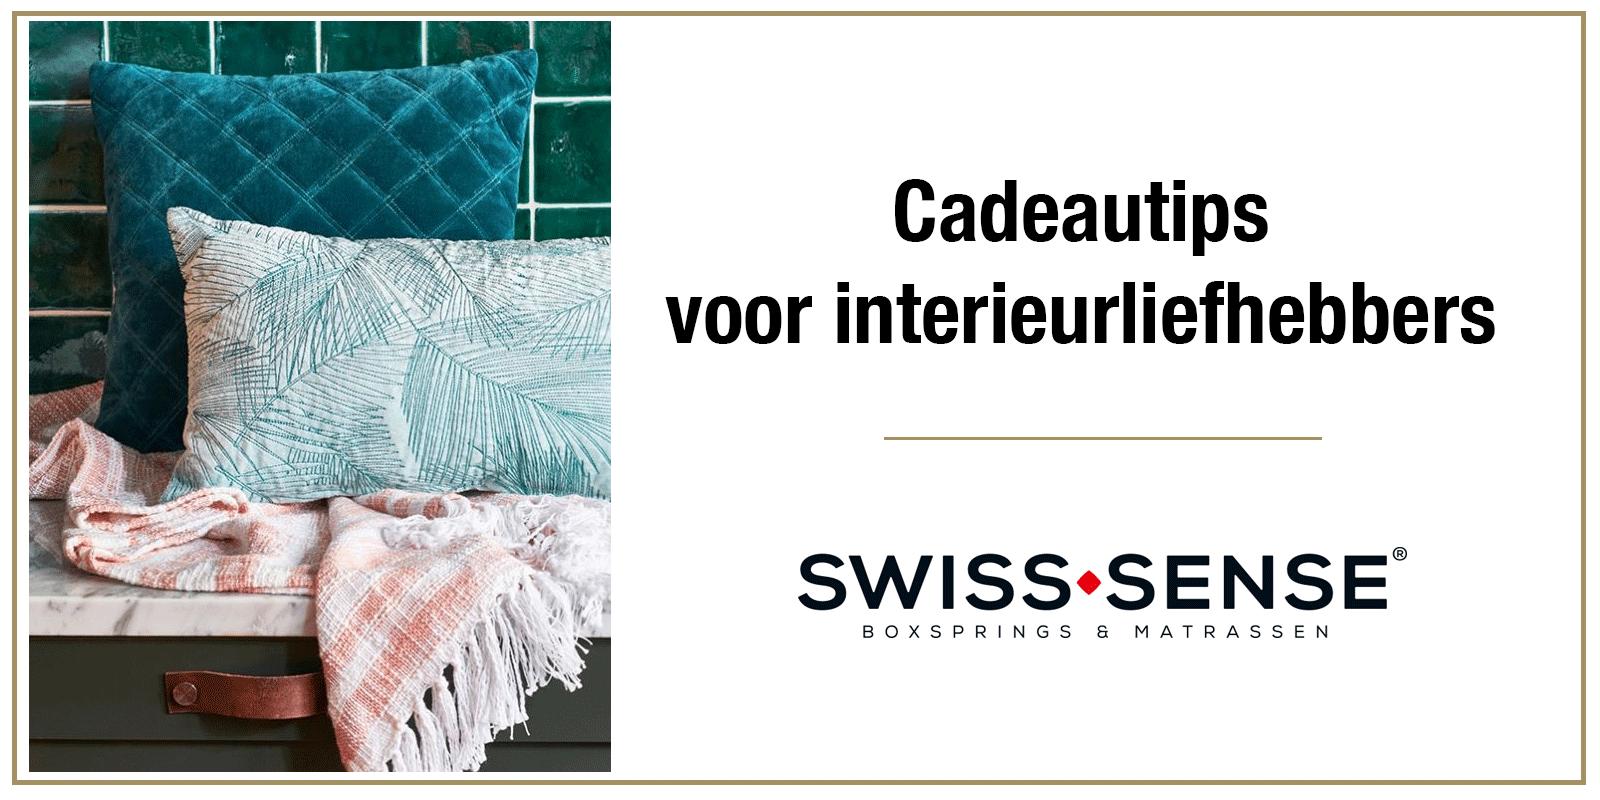 Swiss Sense - Cadeautips voor interieurliefhebbers